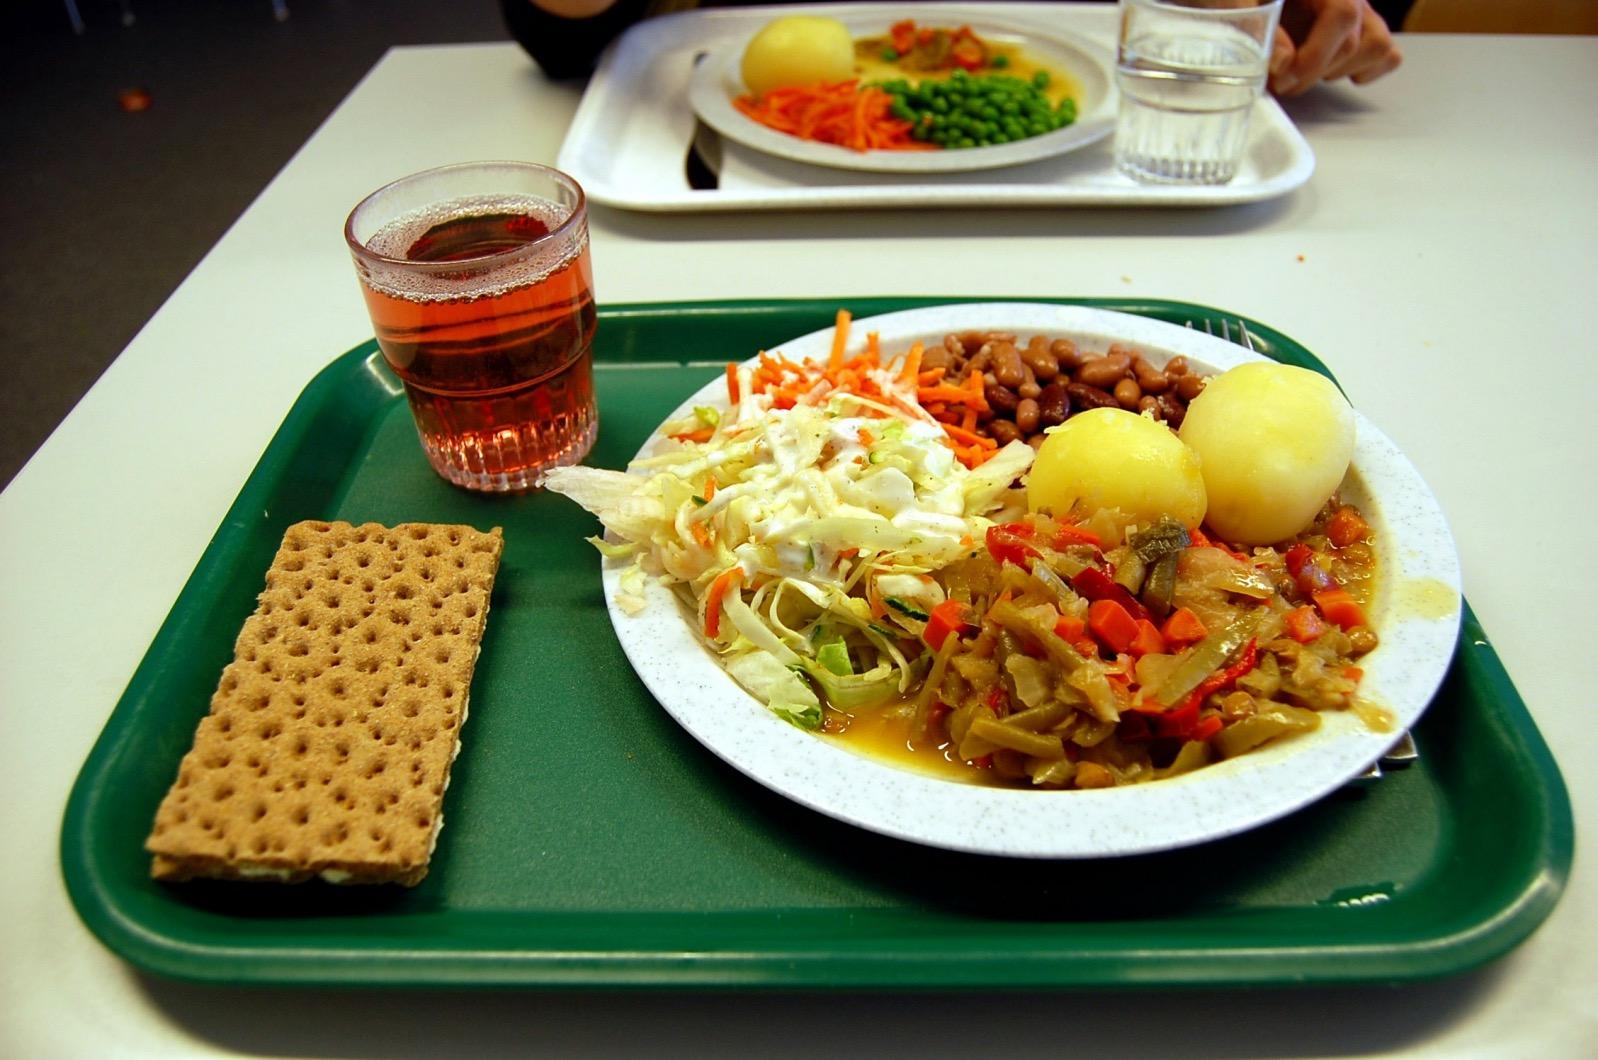 обеды в разных странах мира фото флот военное